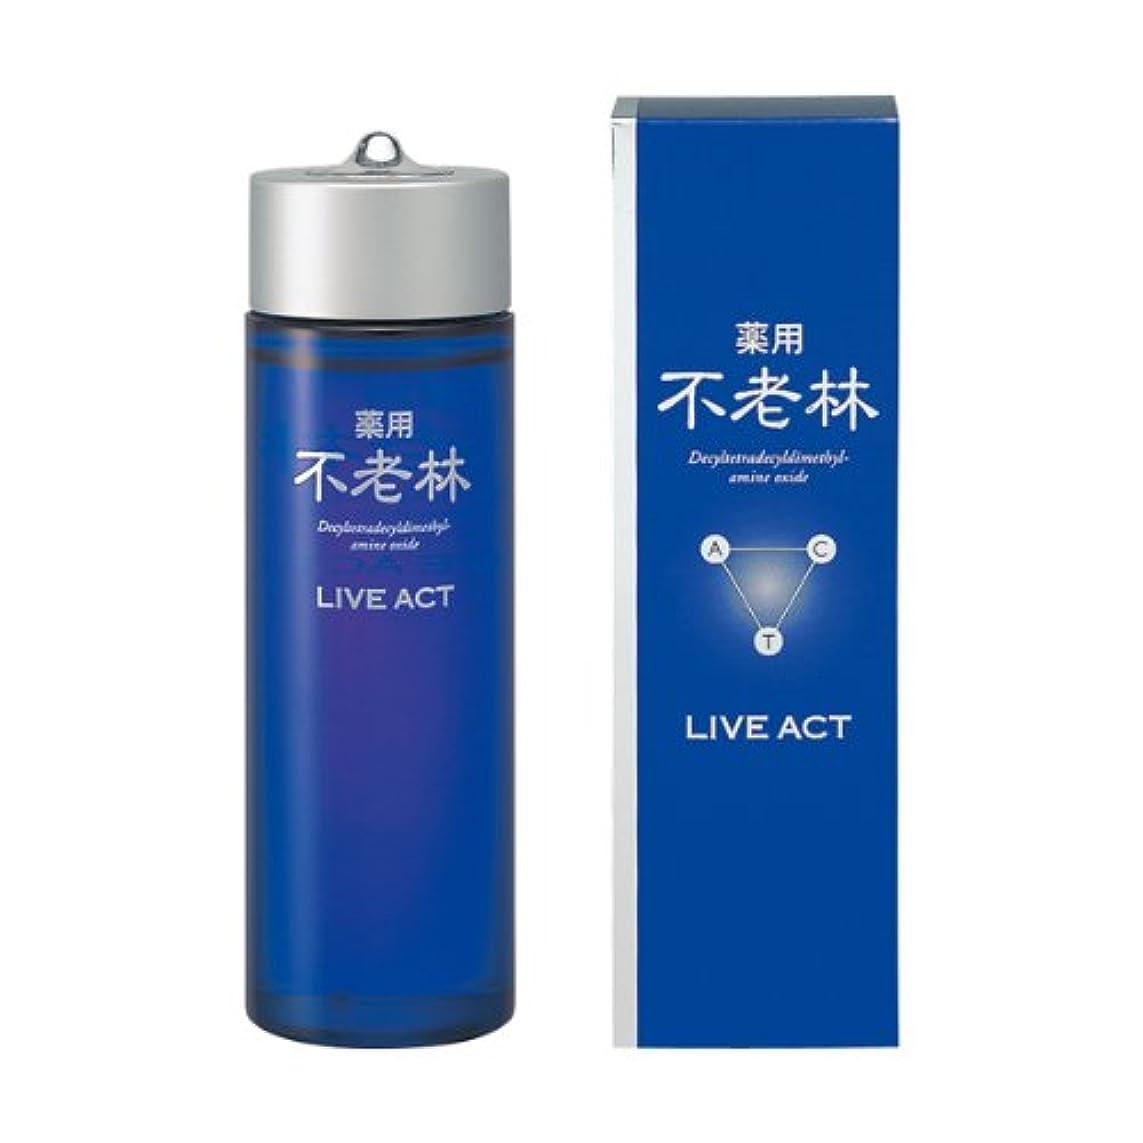 抽象ステッチ高価な薬用 不老林ライブアクト【2個セット】